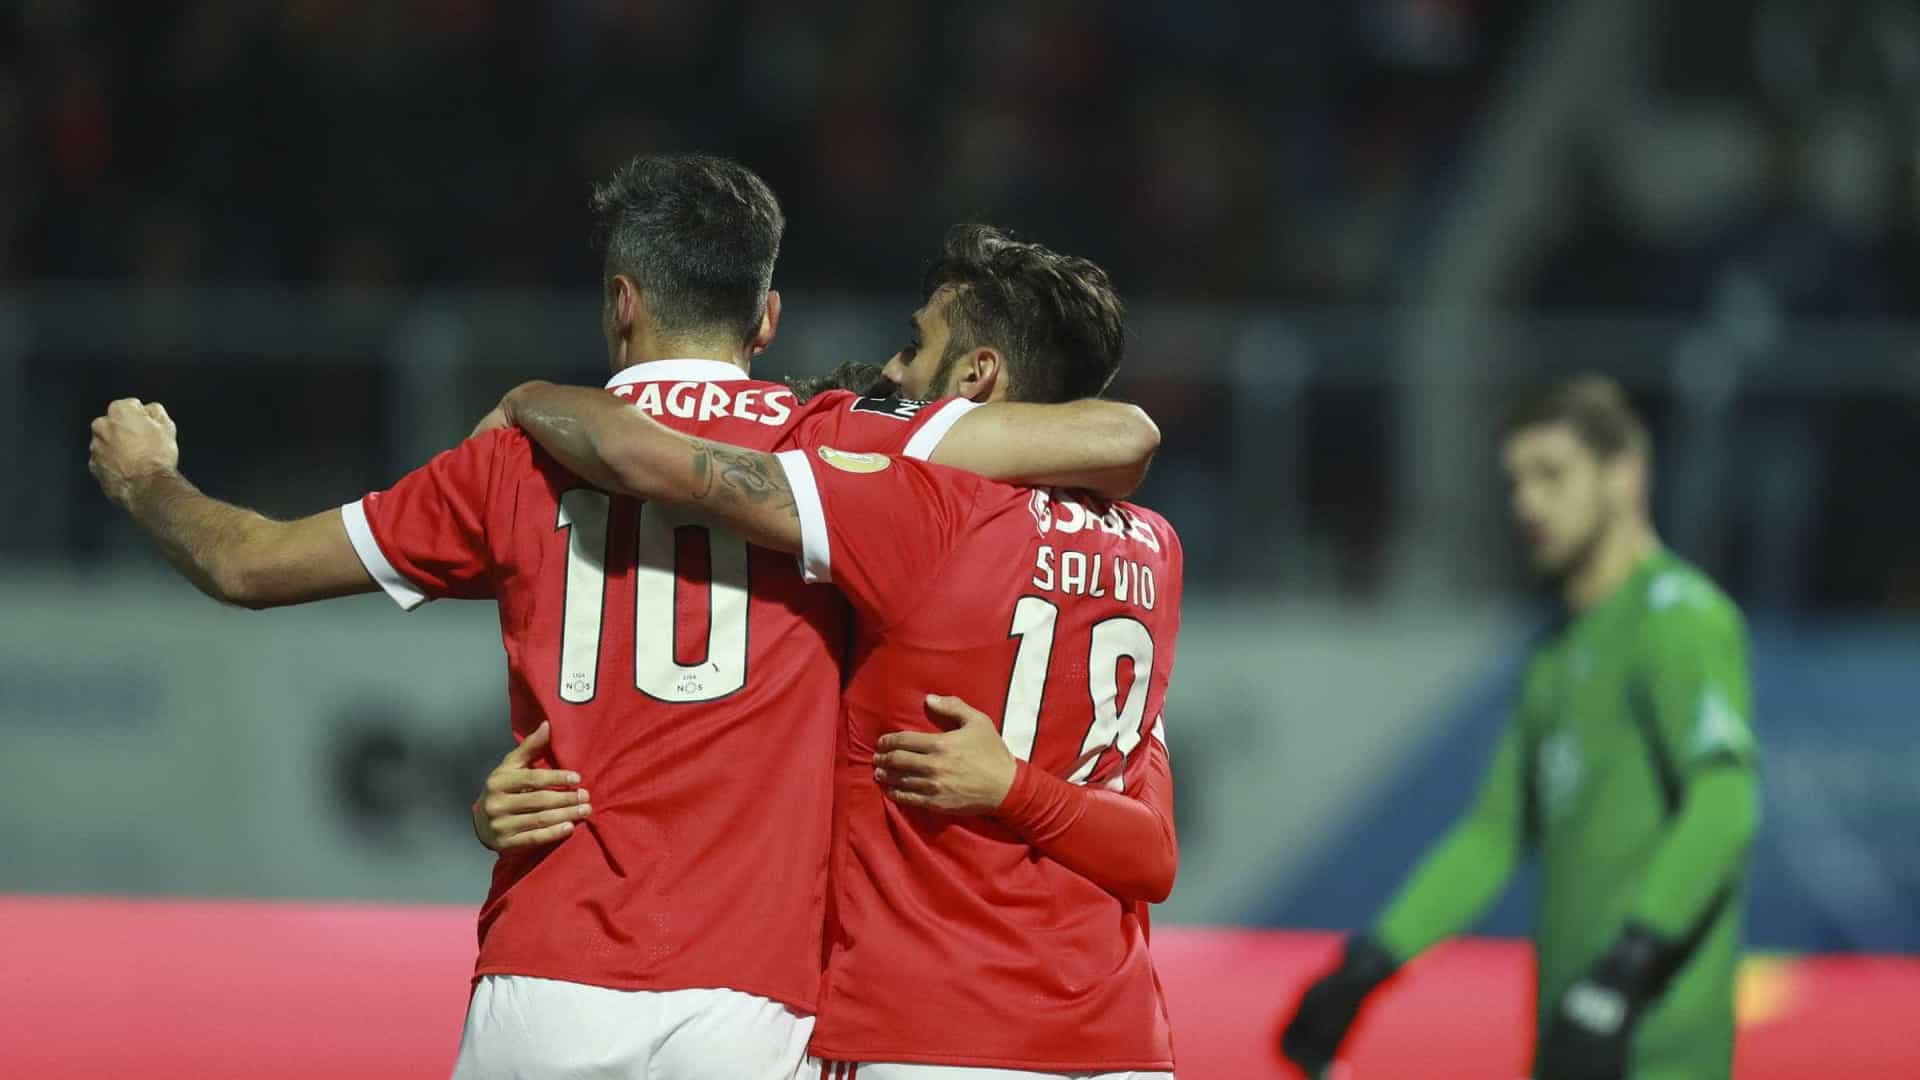 Benfica confirma o ditado: Não há mesmo fome que não dê em fartura